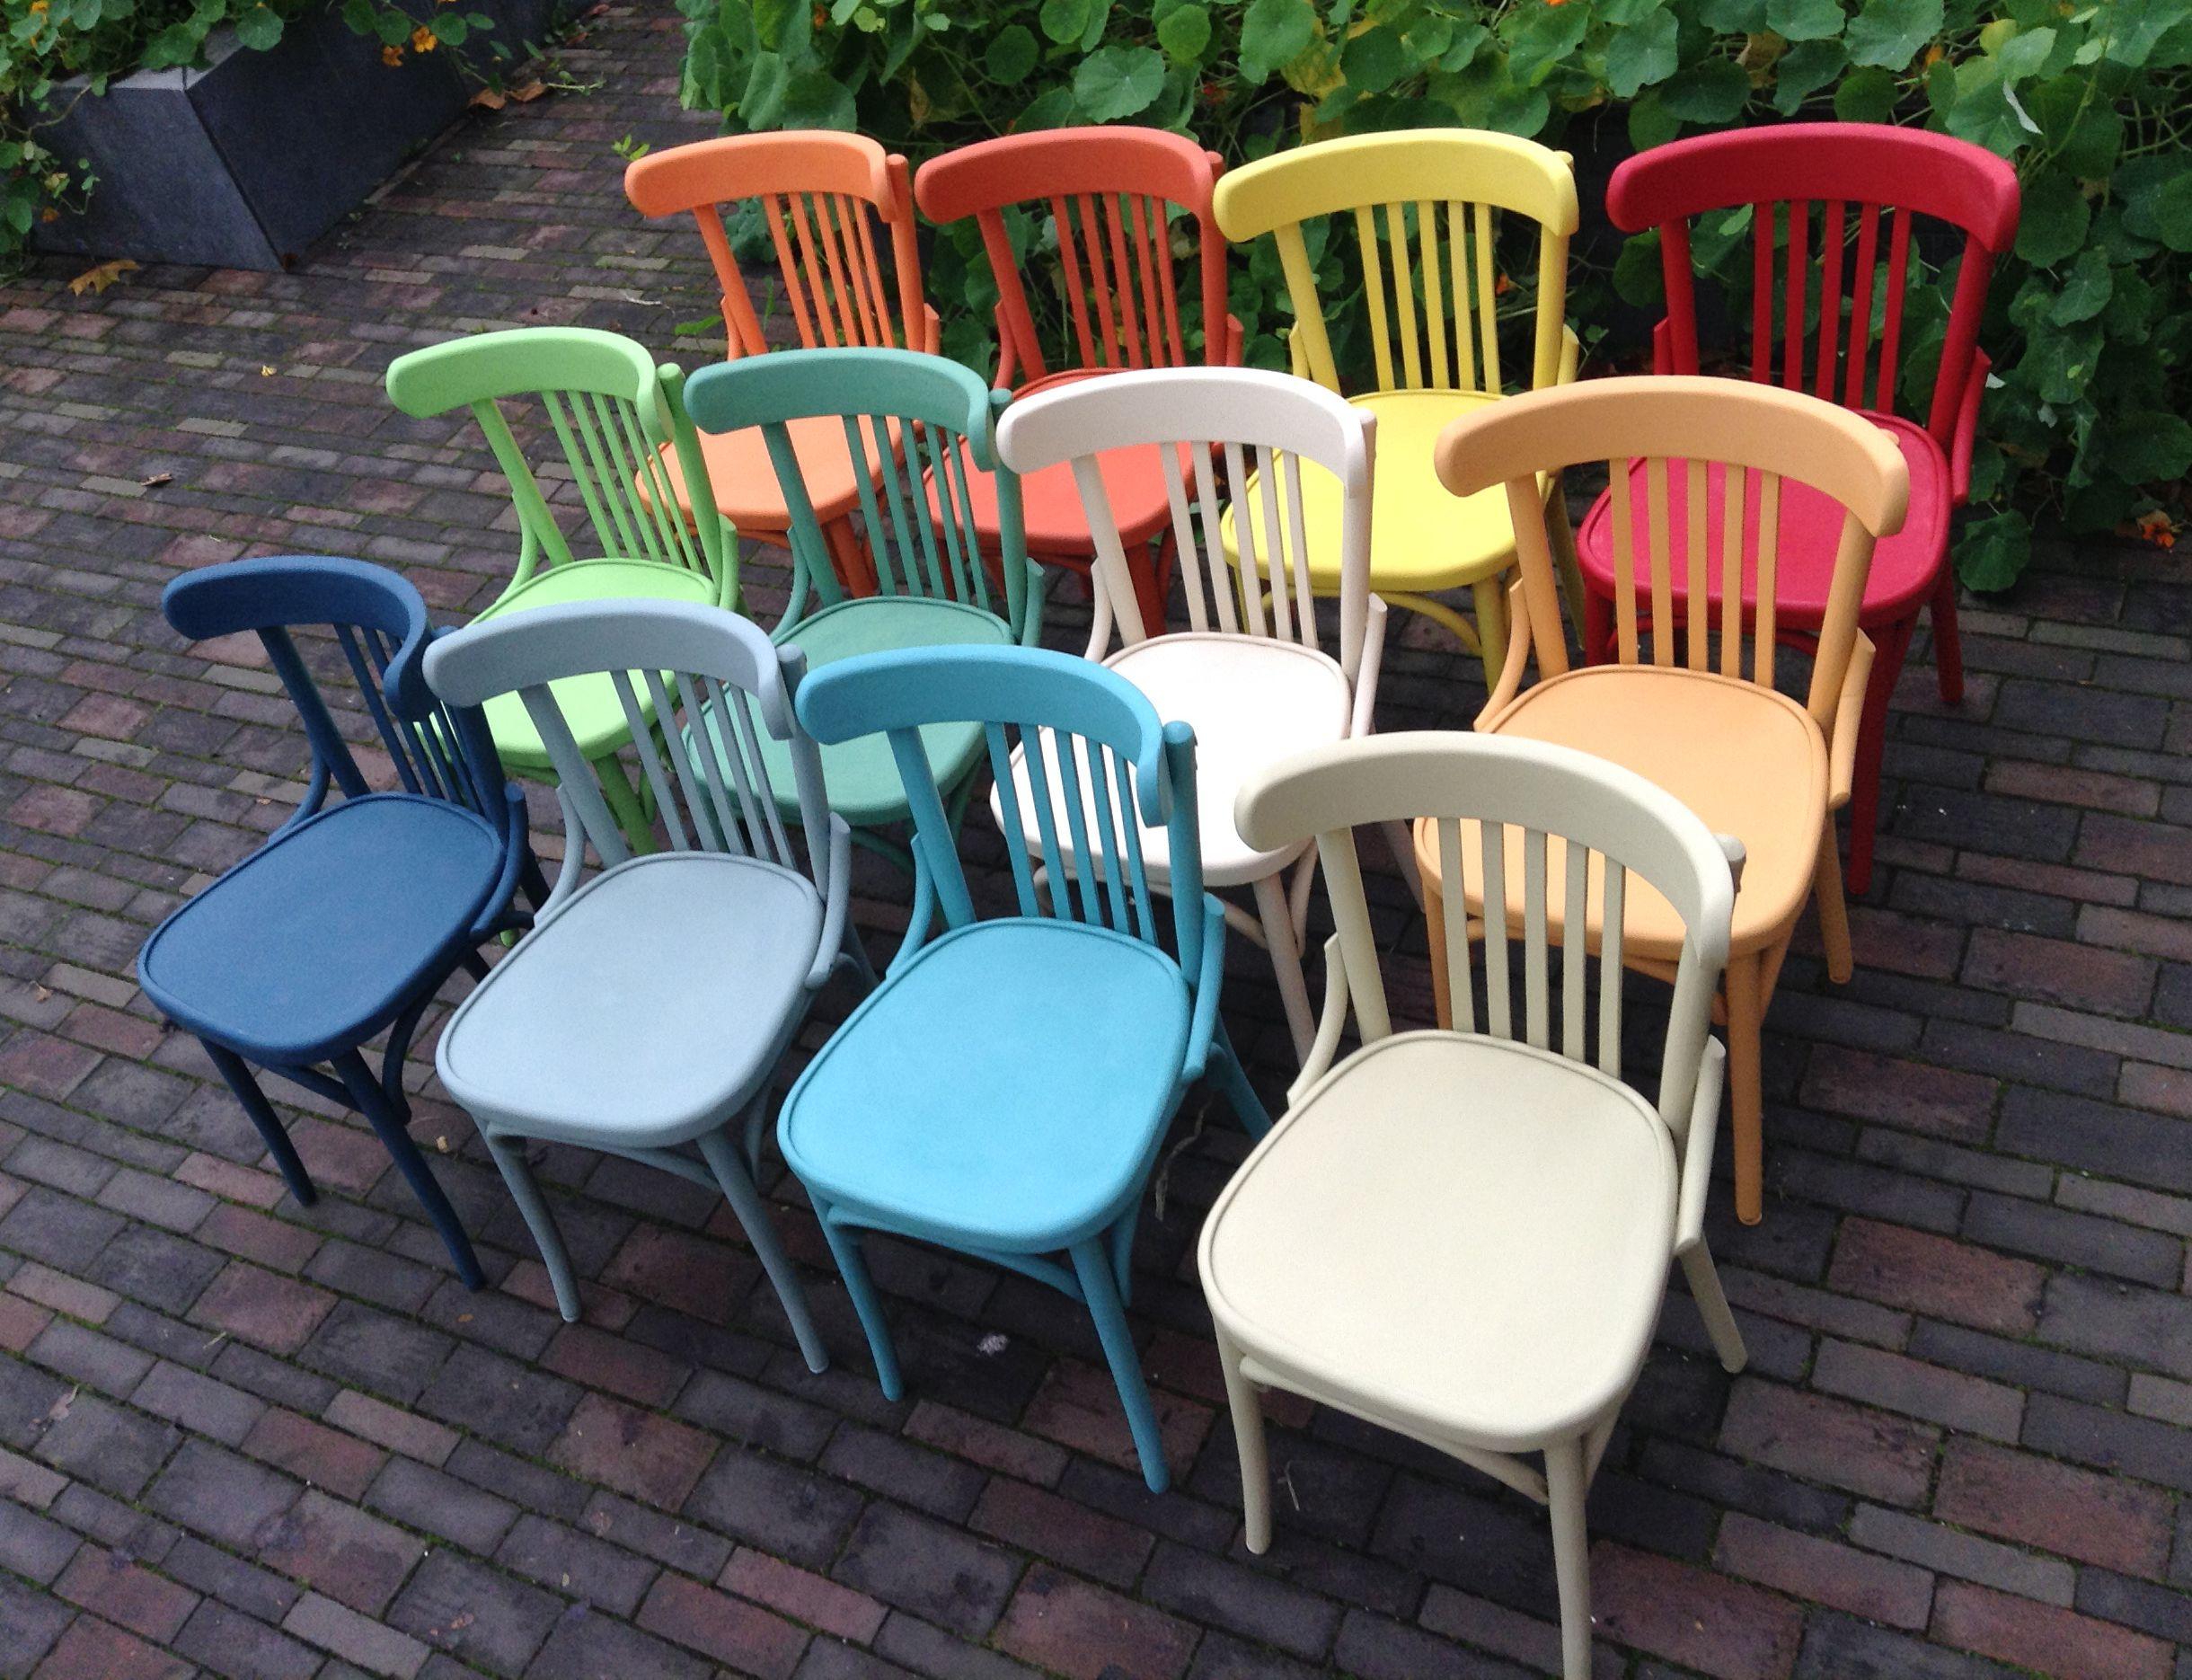 Sedie Decorate Fai Da Te : 12 cafe stoelen 12 kleuren alles chalk paint van annie sloan. in